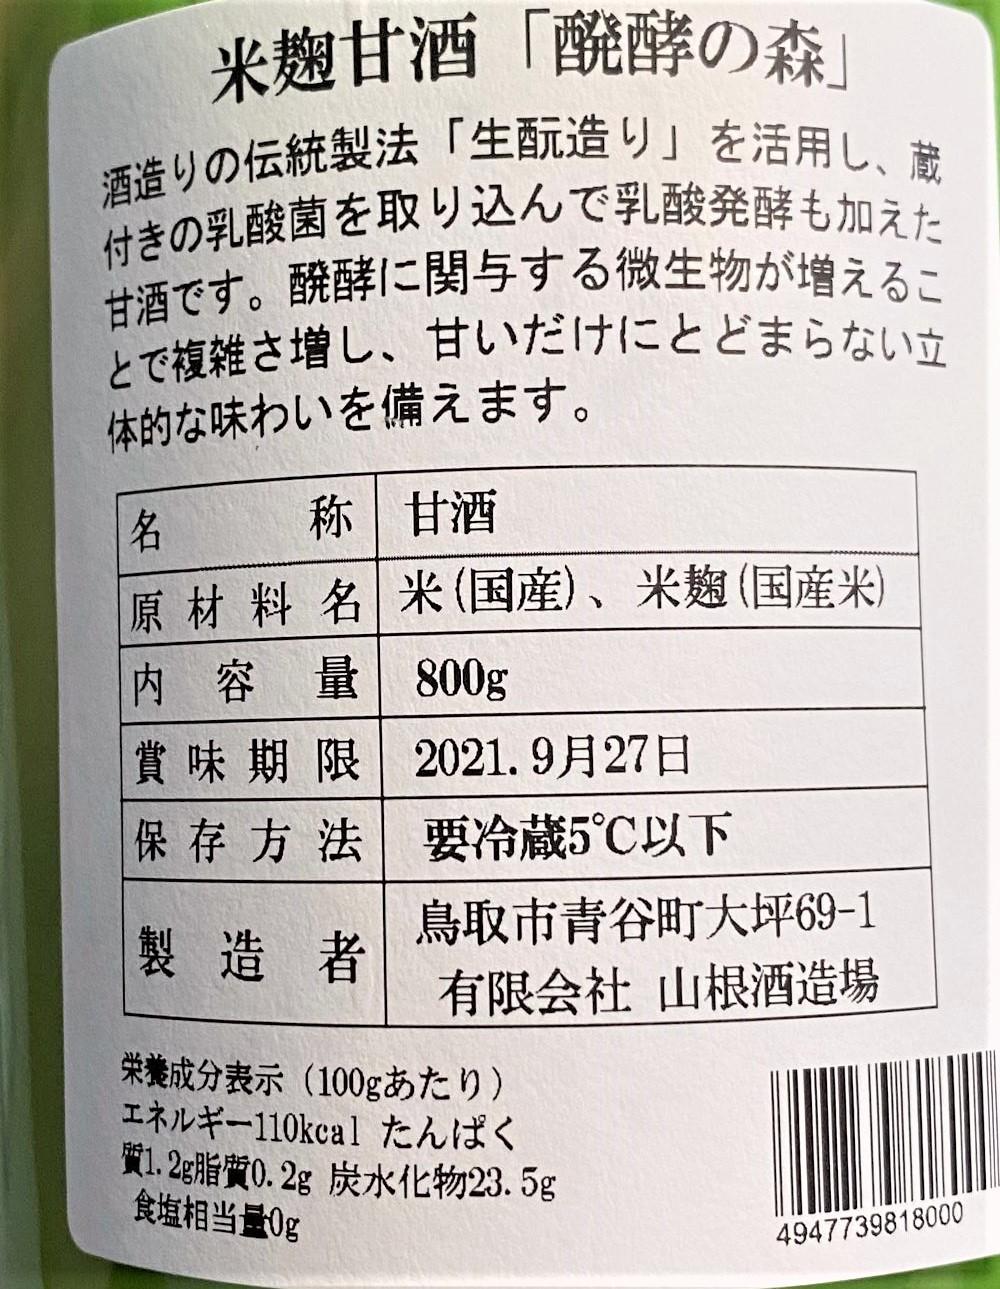 「米麹甘酒 発酵の森」 有限会社山根酒造場 原材料名